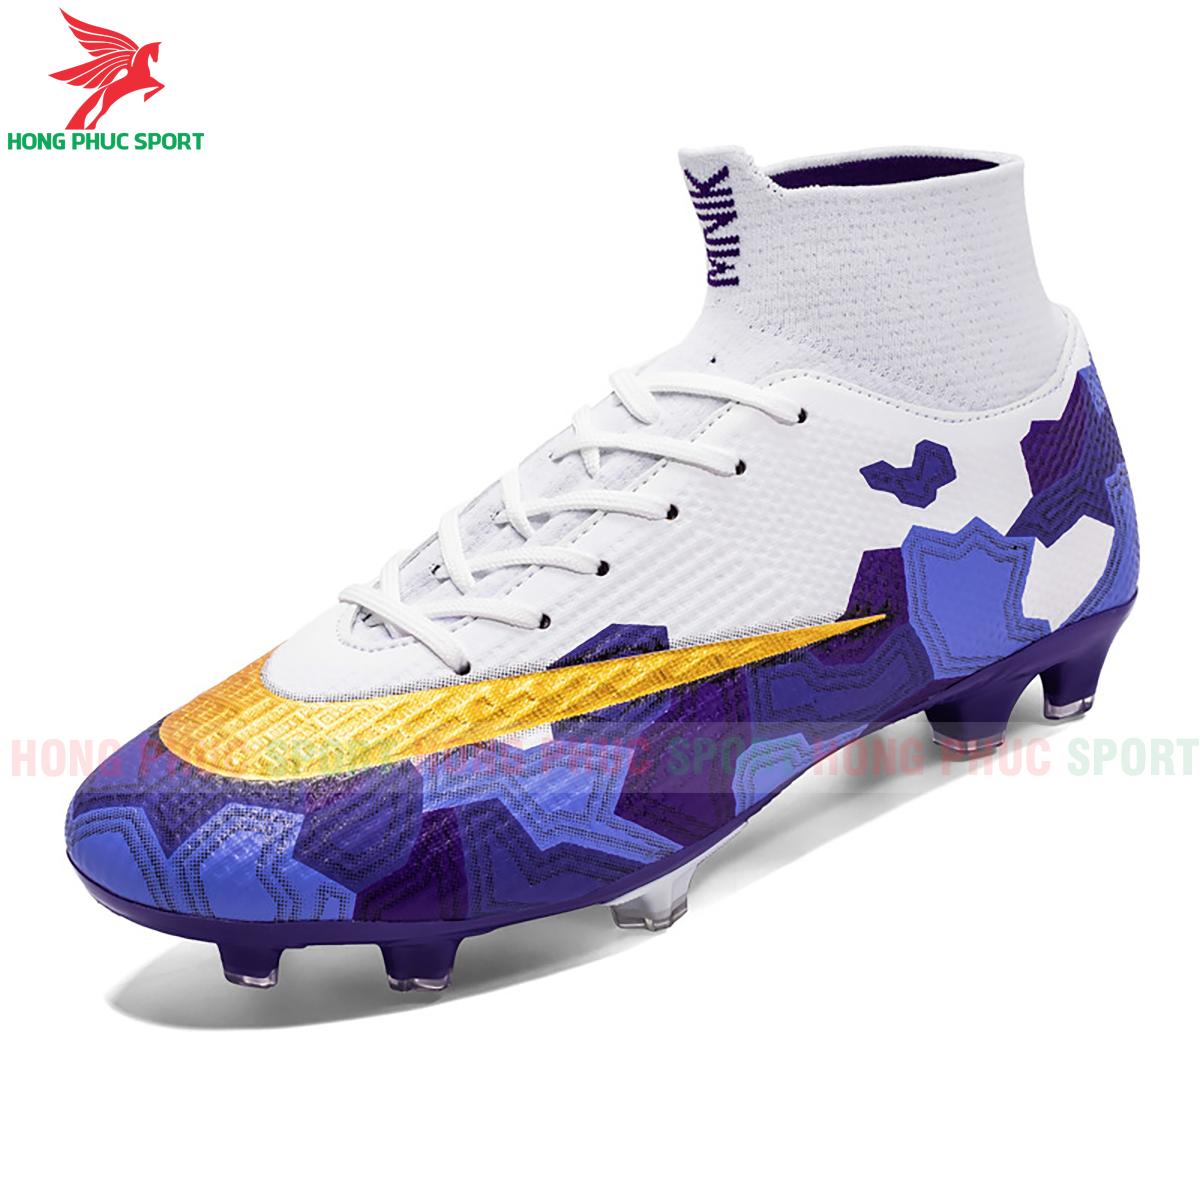 Giày đá banh Superfly VII Mbappe V2 2020 FG mẫu 3 màu xanh dương